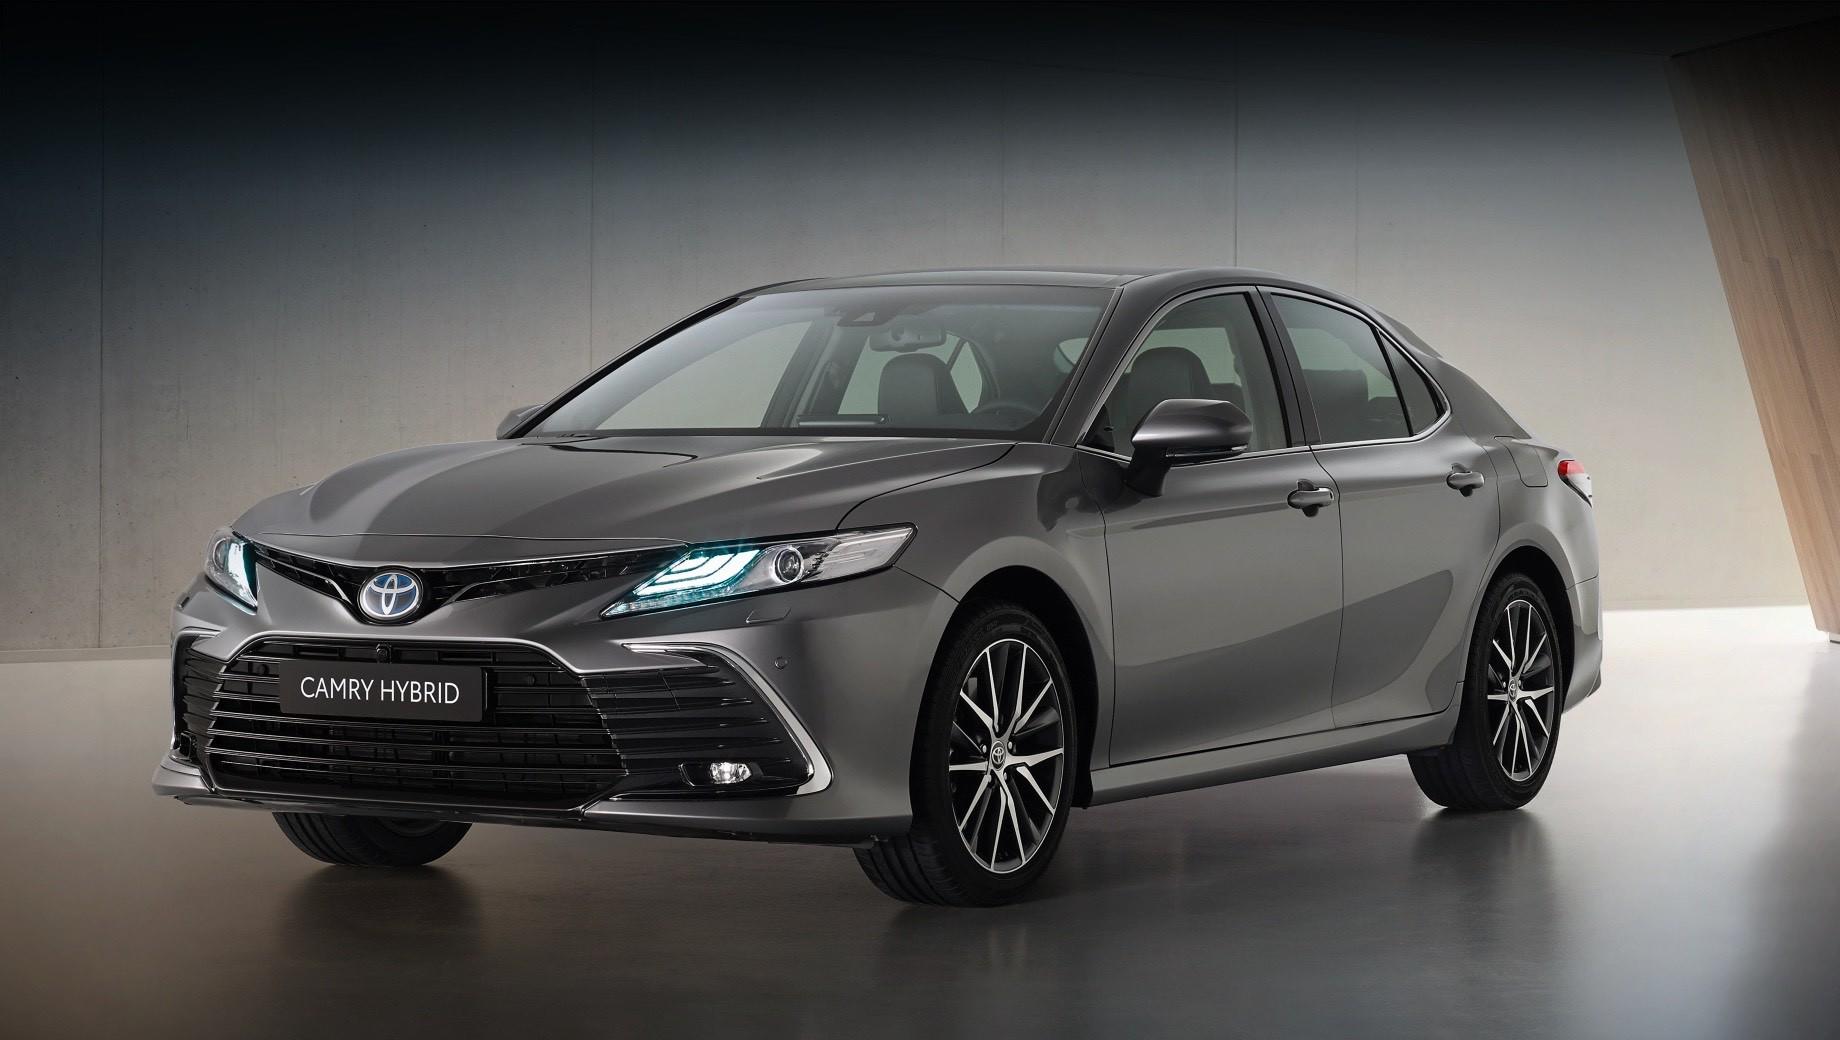 Cедан Toyota Camry для Европы поспешил обновиться